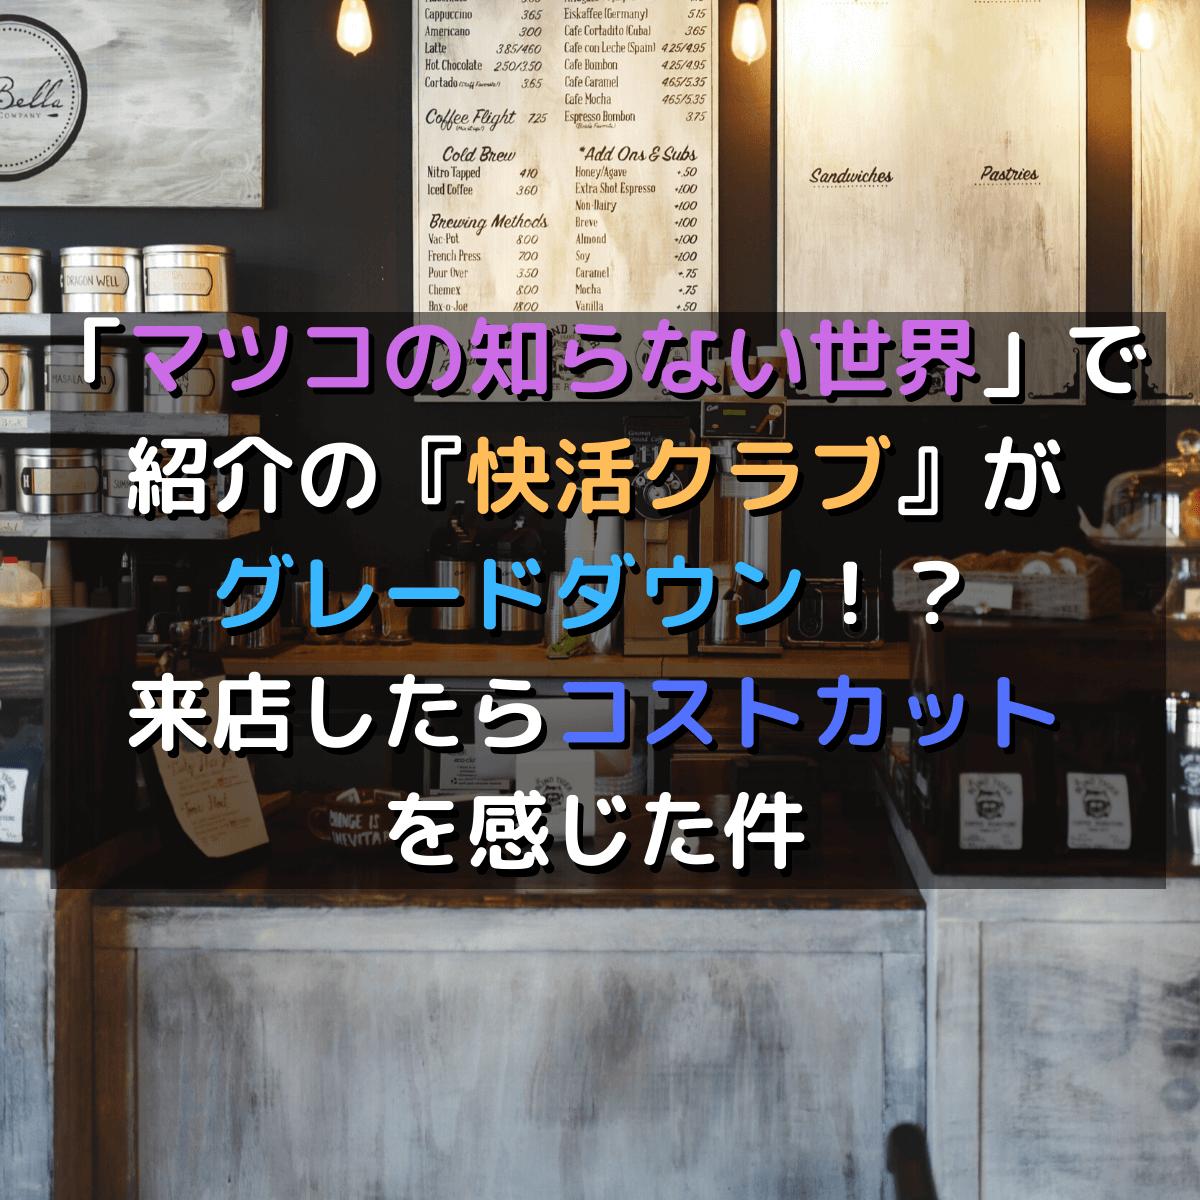 f:id:tosakax:20200113123006p:plain